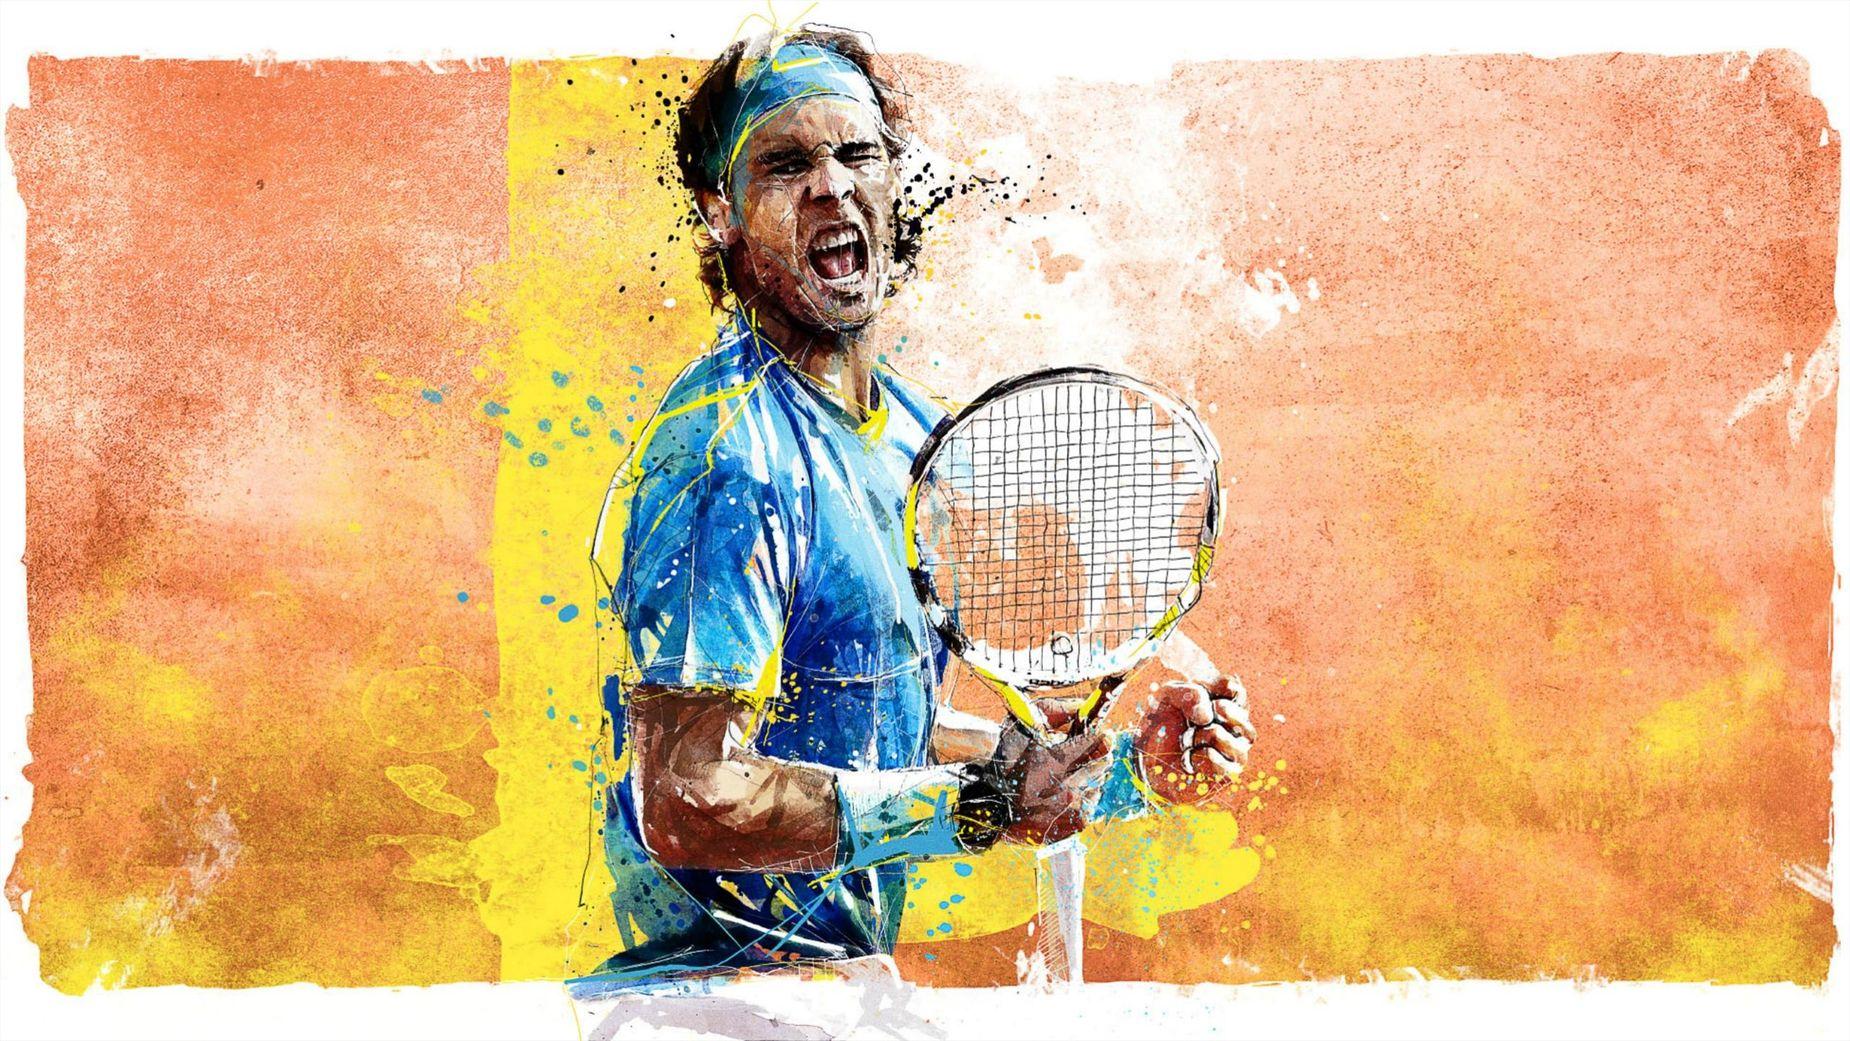 be3f157e33f Rafa Nadal in Paris: From boy king to La Decima? - French Open ...